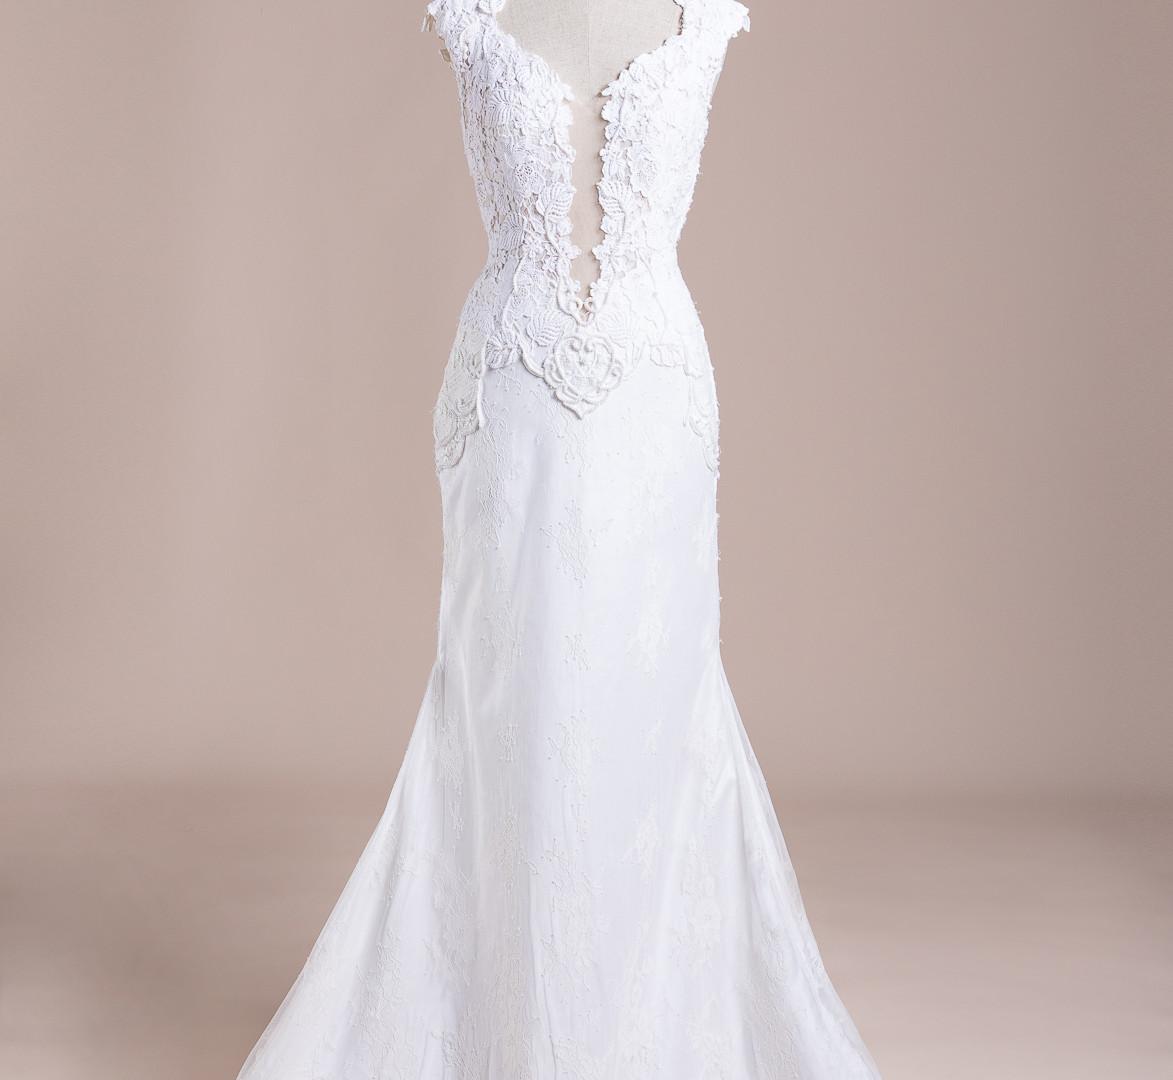 dress-34.JPG